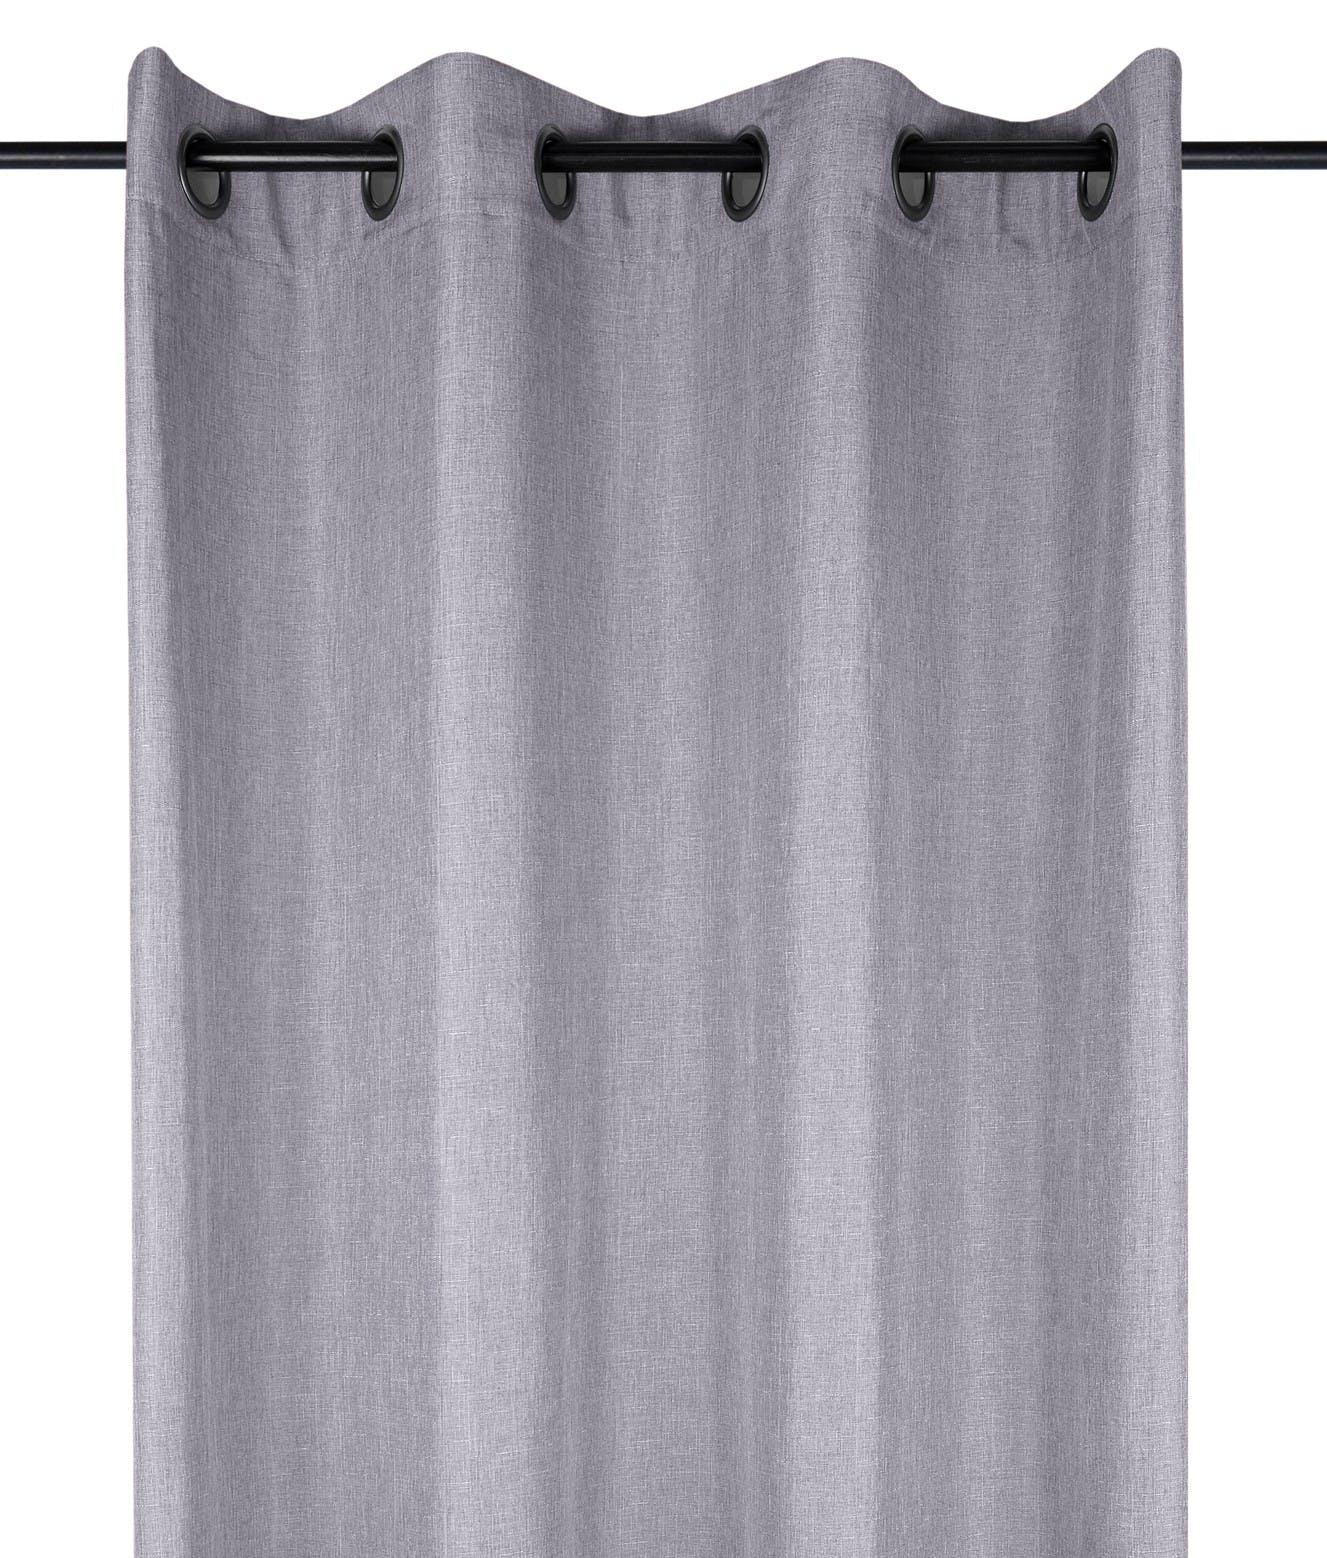 Rideau uni gris 140x260cm à œillets BEA